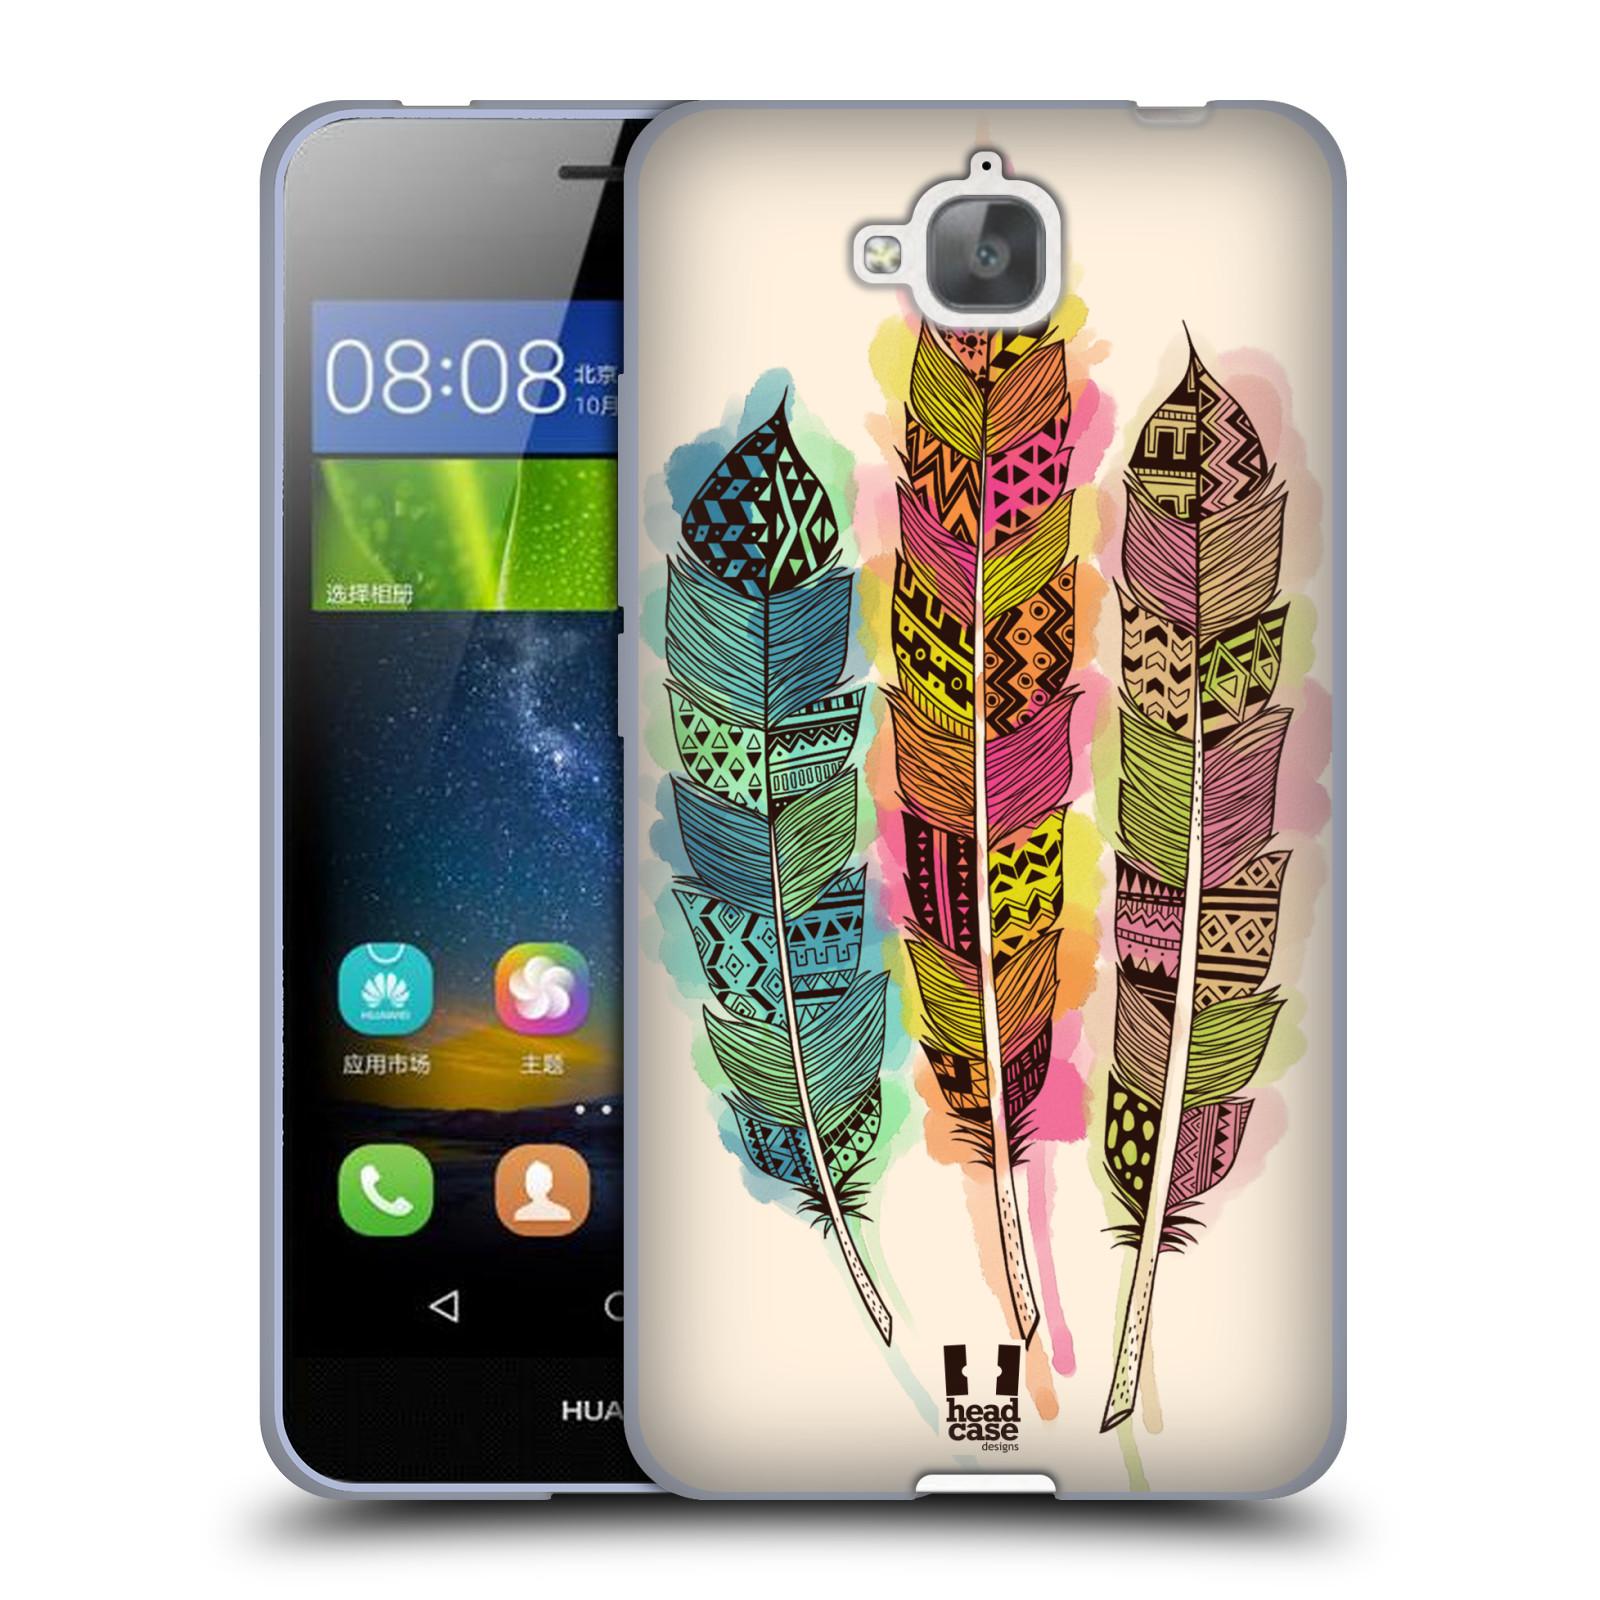 Silikonové pouzdro na mobil Huawei Y6 Pro Dual Sim HEAD CASE AZTEC PÍRKA SPLASH